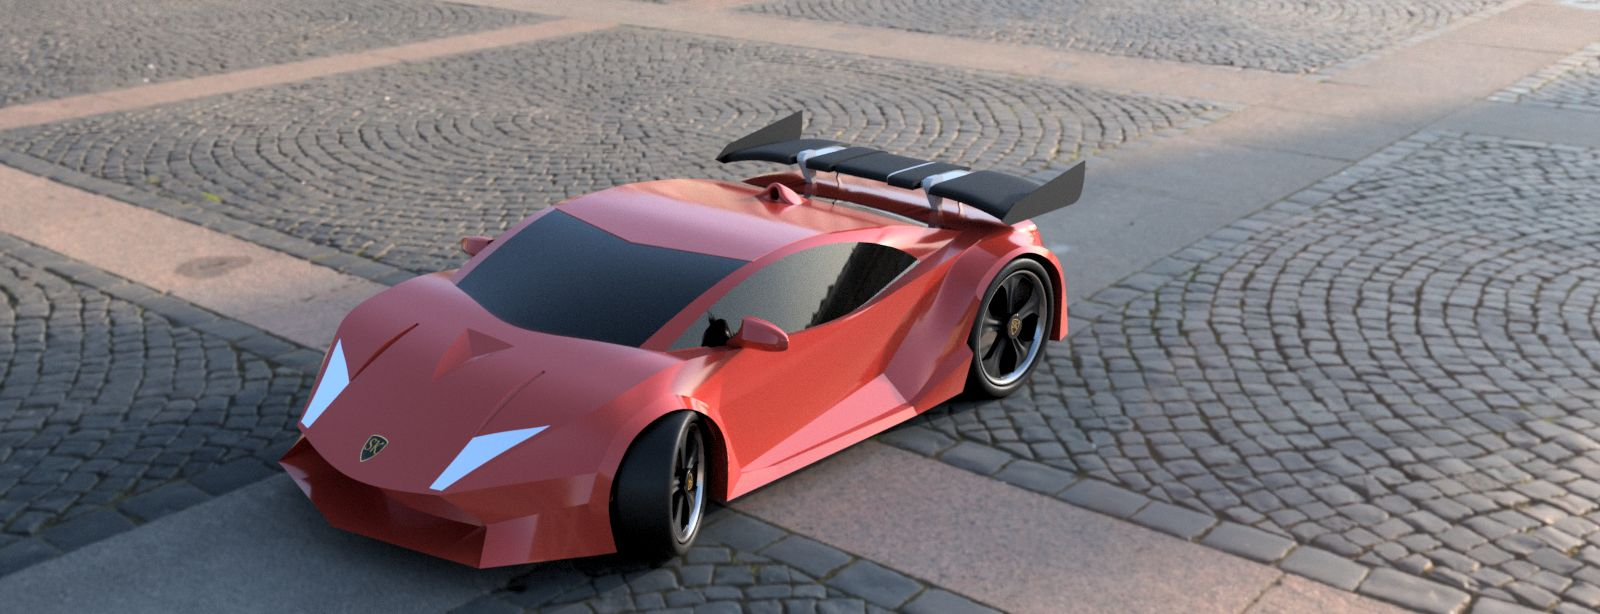 Concept-car-2-v27-3500-3500